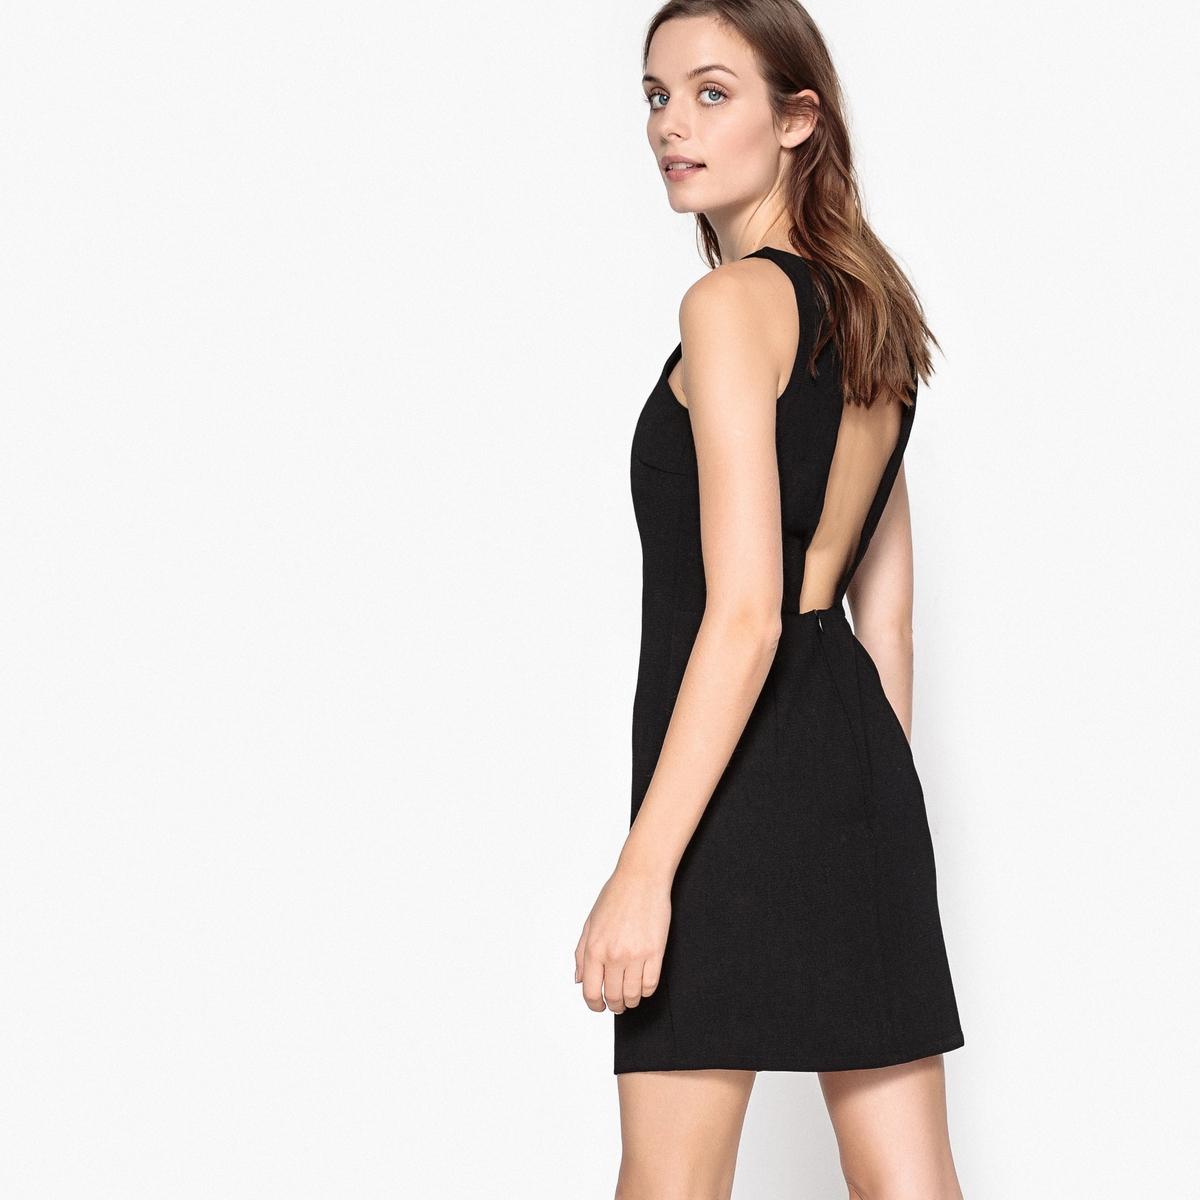 Платье однотонное средней длины, расширяющееся к низу, без рукавовДетали •  Форма : расклешенная •  Длина до колен •  Без рукавов    •  Круглый вырез Состав и уход •  100% полиэстер •  Следуйте рекомендациям по уходу, указанным на этикетке изделия<br><br>Цвет: черный<br>Размер: 36 (FR) - 42 (RUS)